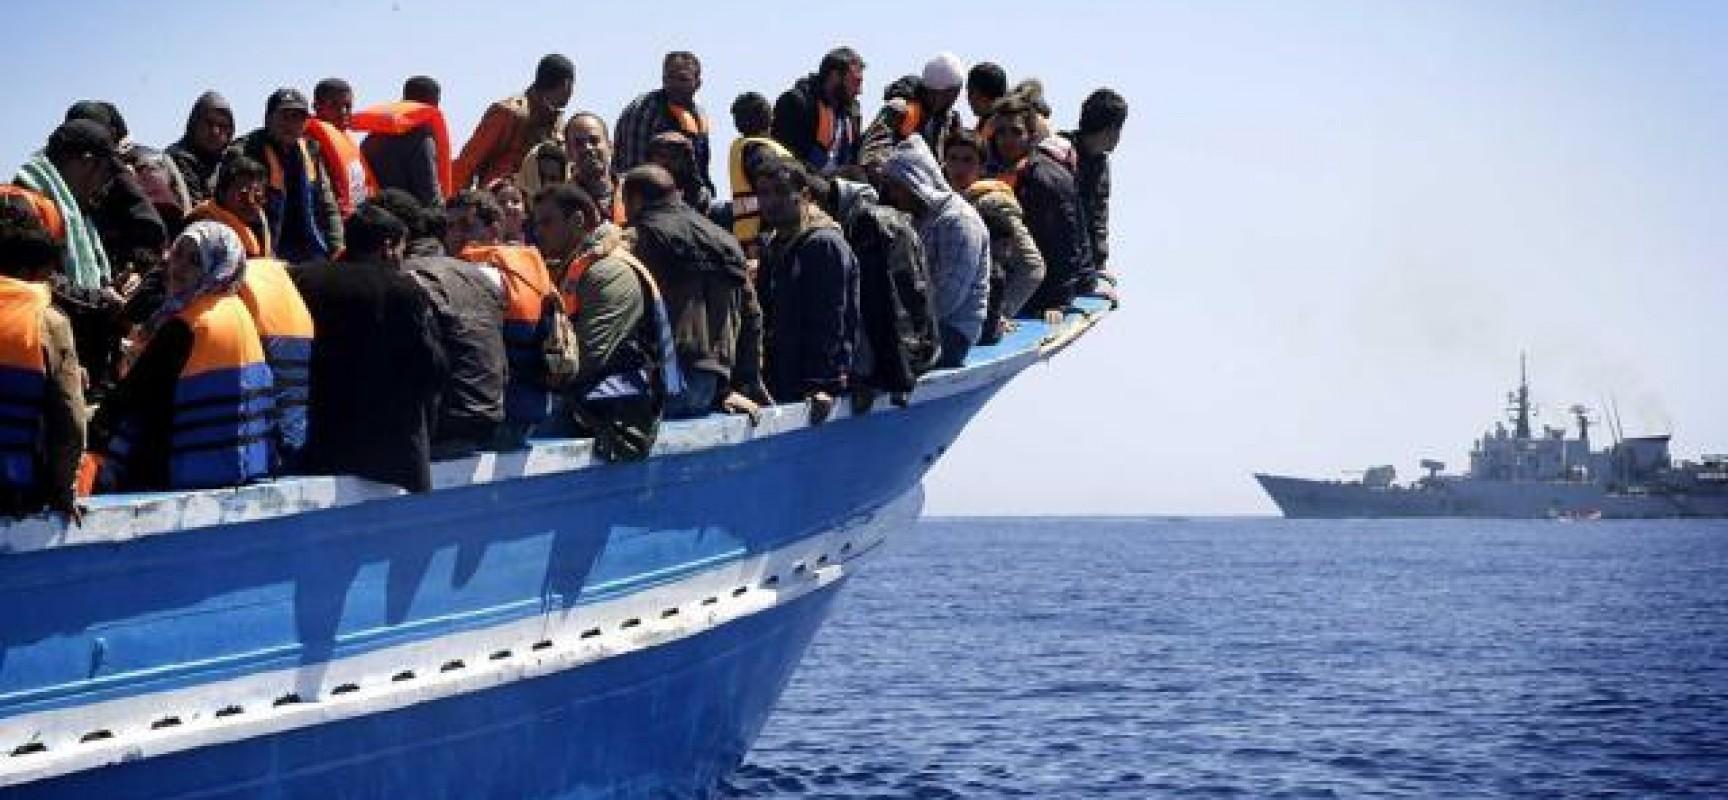 migranti-e-tutela-dei-diritti-umani.jpg (1728×800)